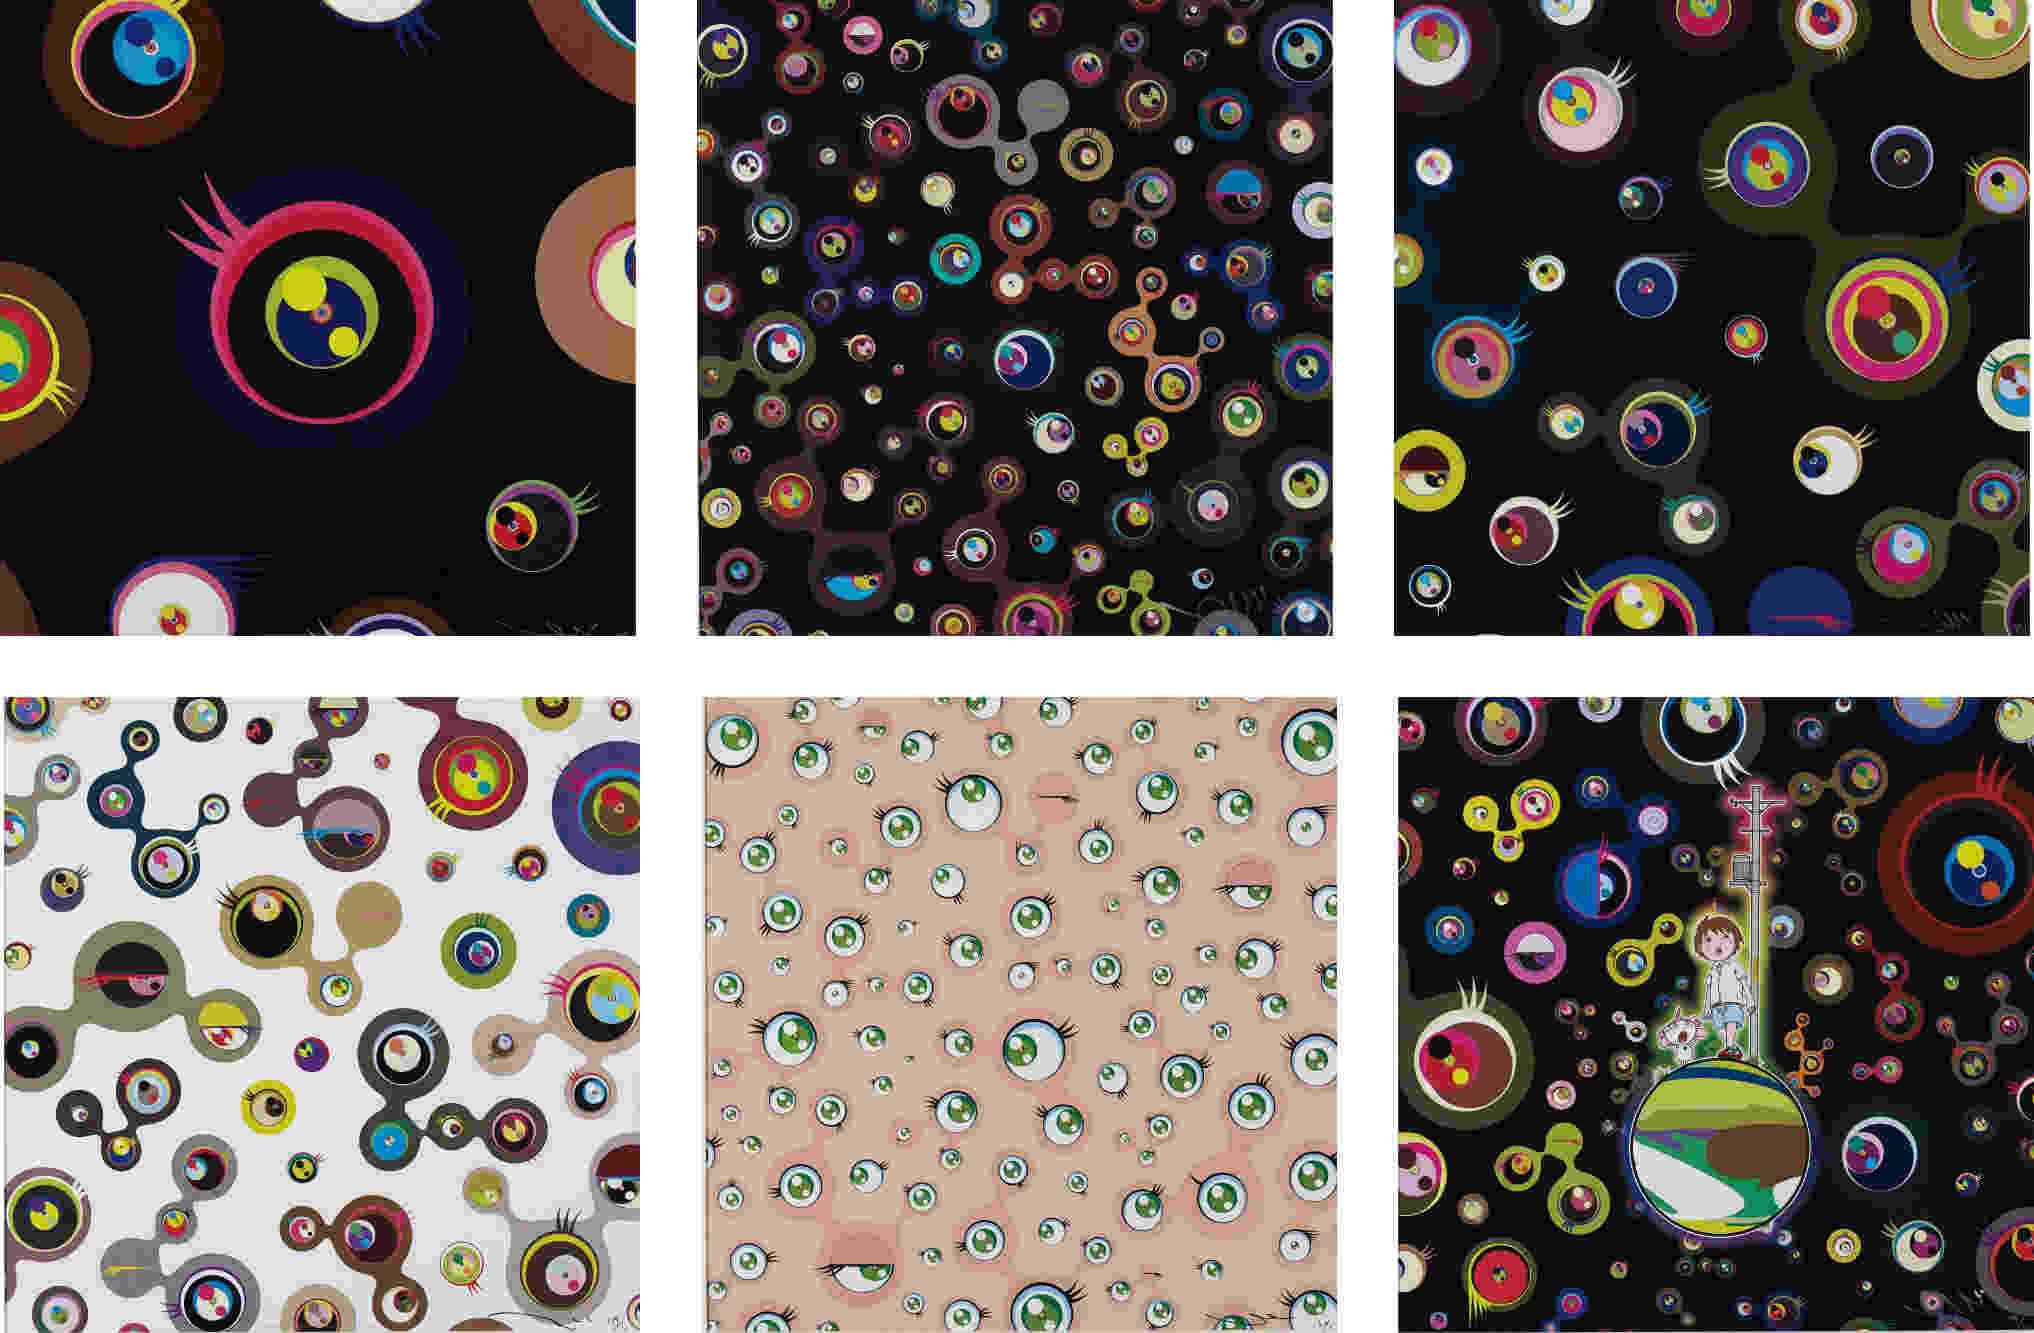 Takashi Murakami-Jellyfish Eyes - Black 1; Jellyfish Eyes - Black 5; Jellyfish Eyes - Black 3; Jellyfish Eyes - White 4; Jellyfish Eyes; Jellyfish Eyes-2013